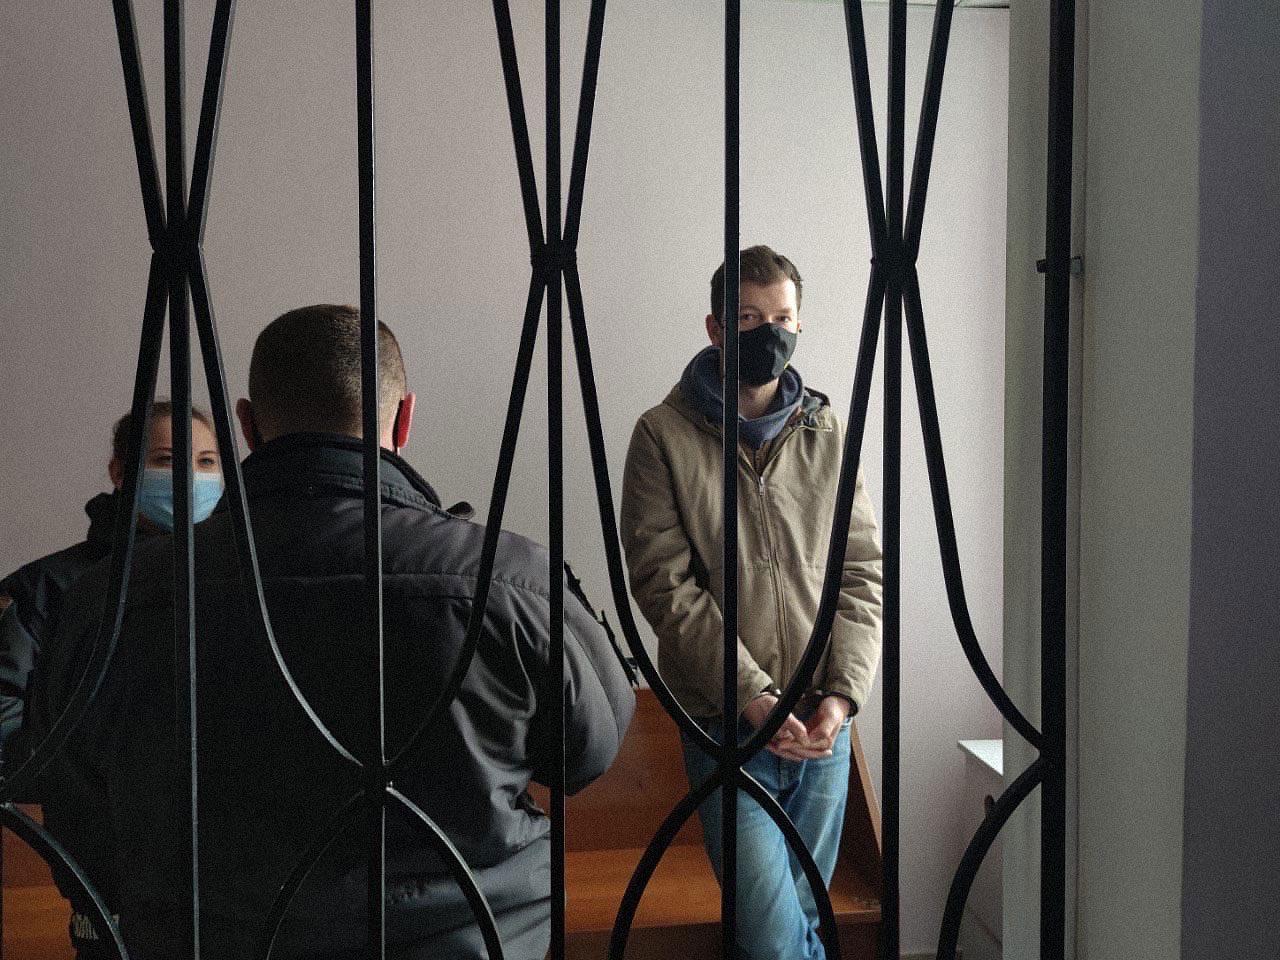 nikiforov free 01 - <b>Евгения Никифорова выпустили под ночной домашний арест.</b> Его пытались избить и ограбить, а теперь шьют дело - Заборона